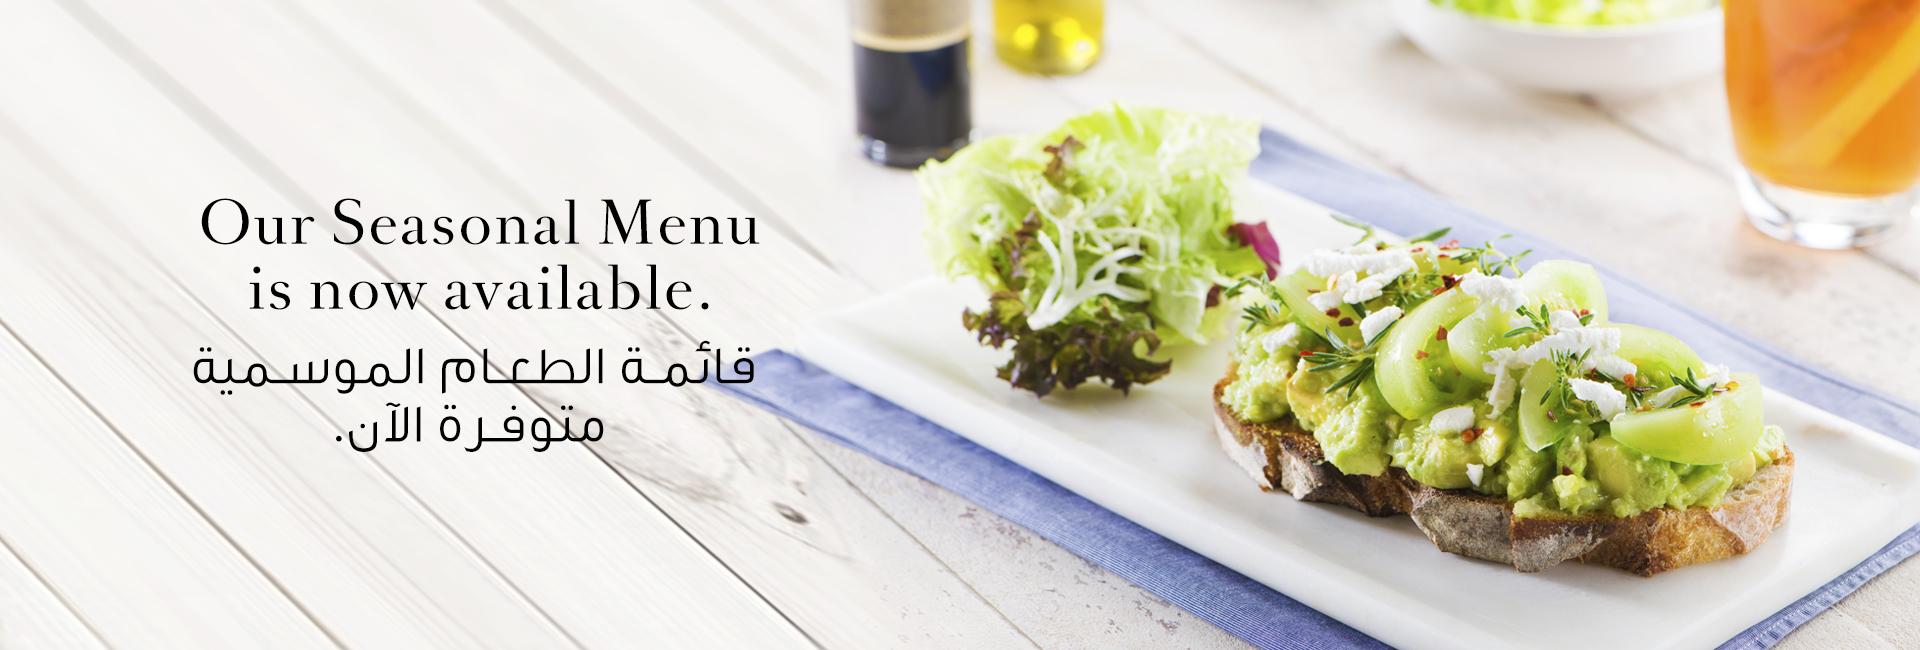 Bateel gluten-free UAE menu